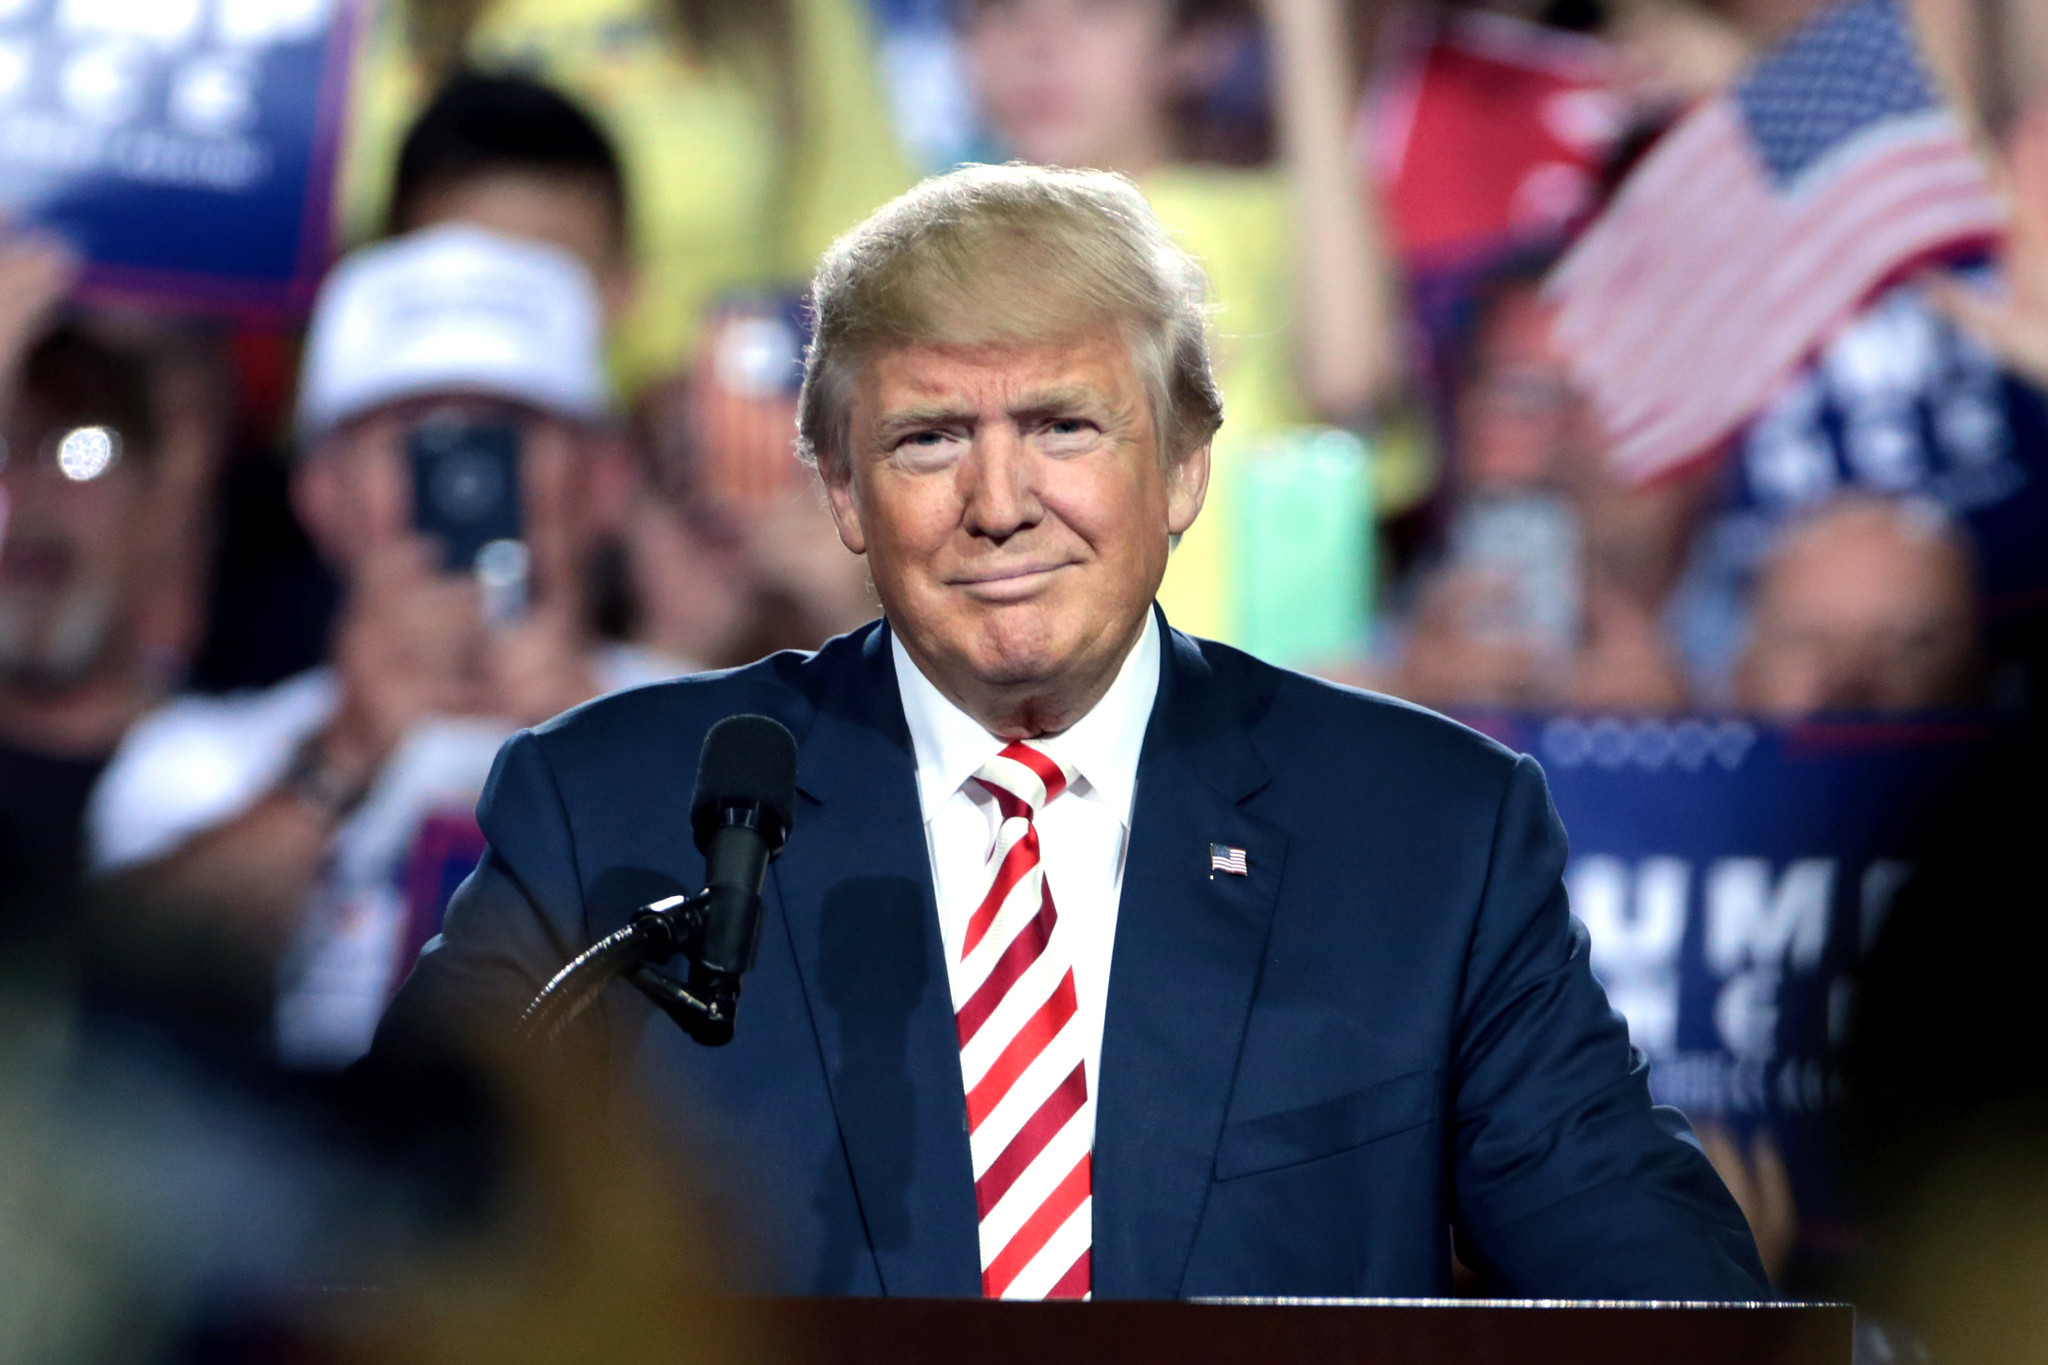 Vad har Trump med danska evangelister att göra?